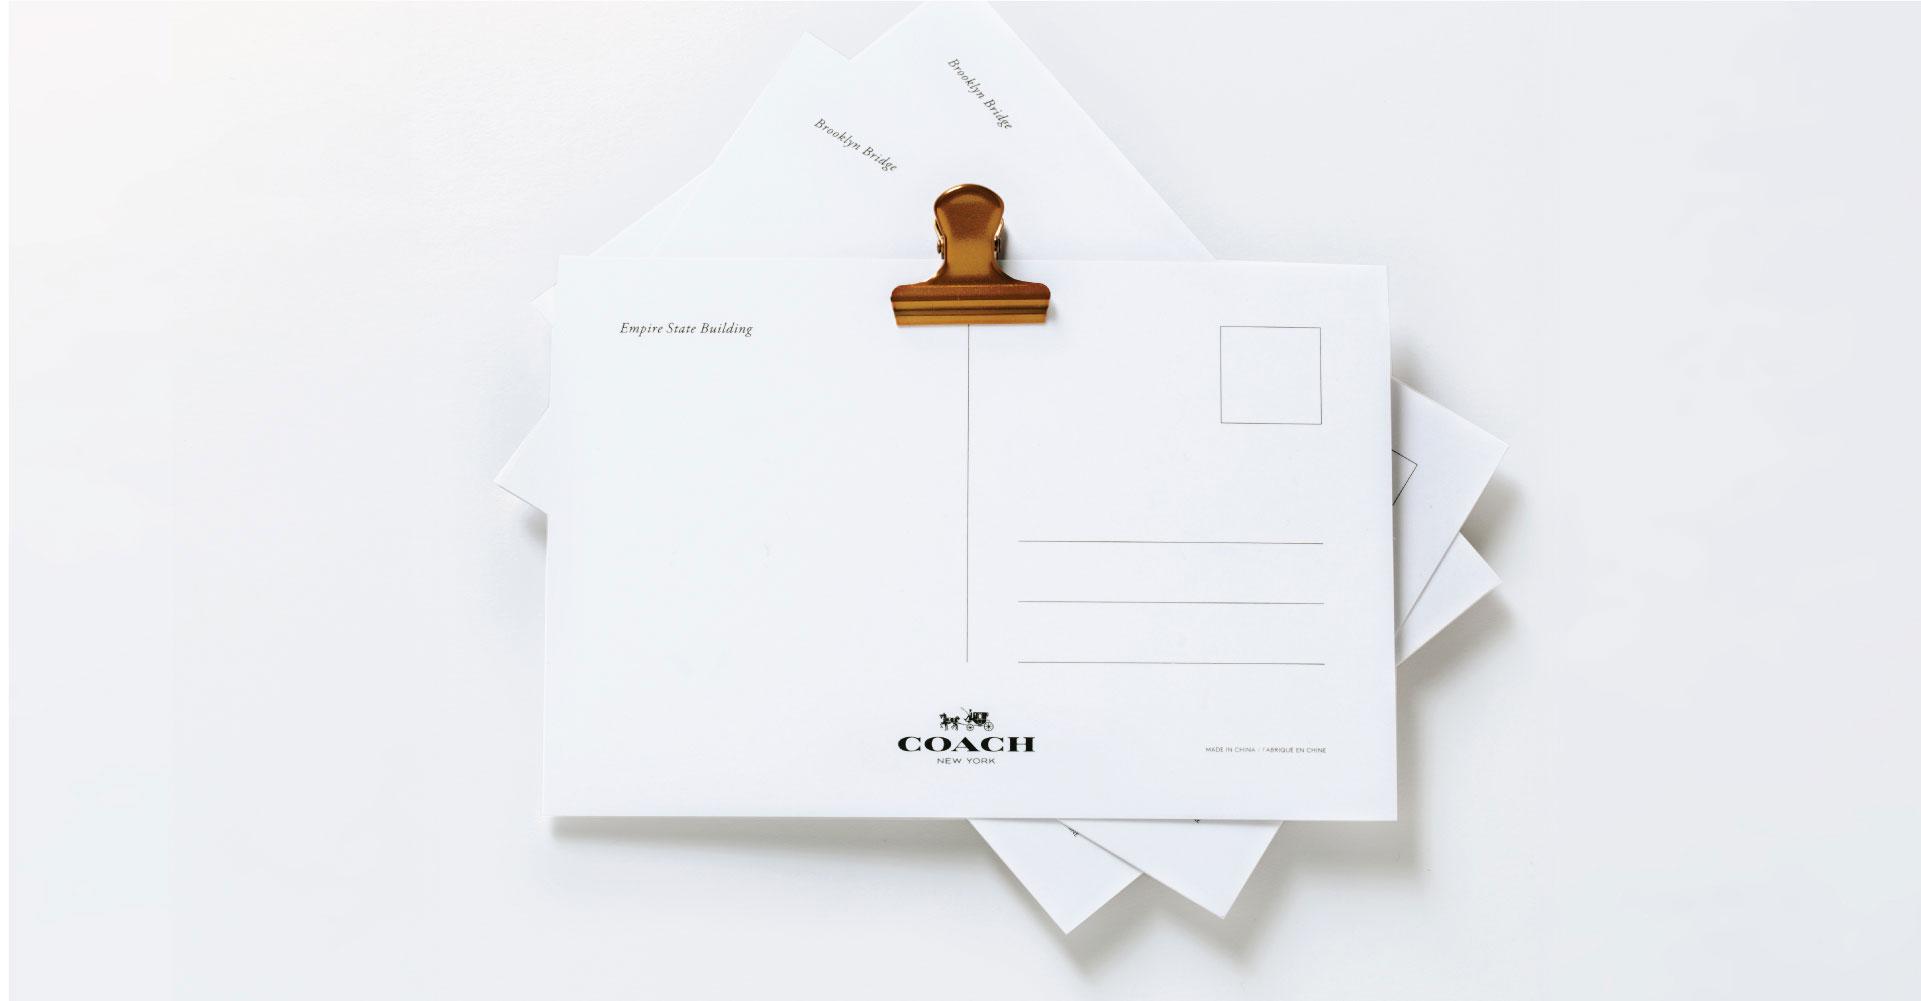 Creative_Retail_Packaging_Package_Design_Luxury_Coach_11.jpg